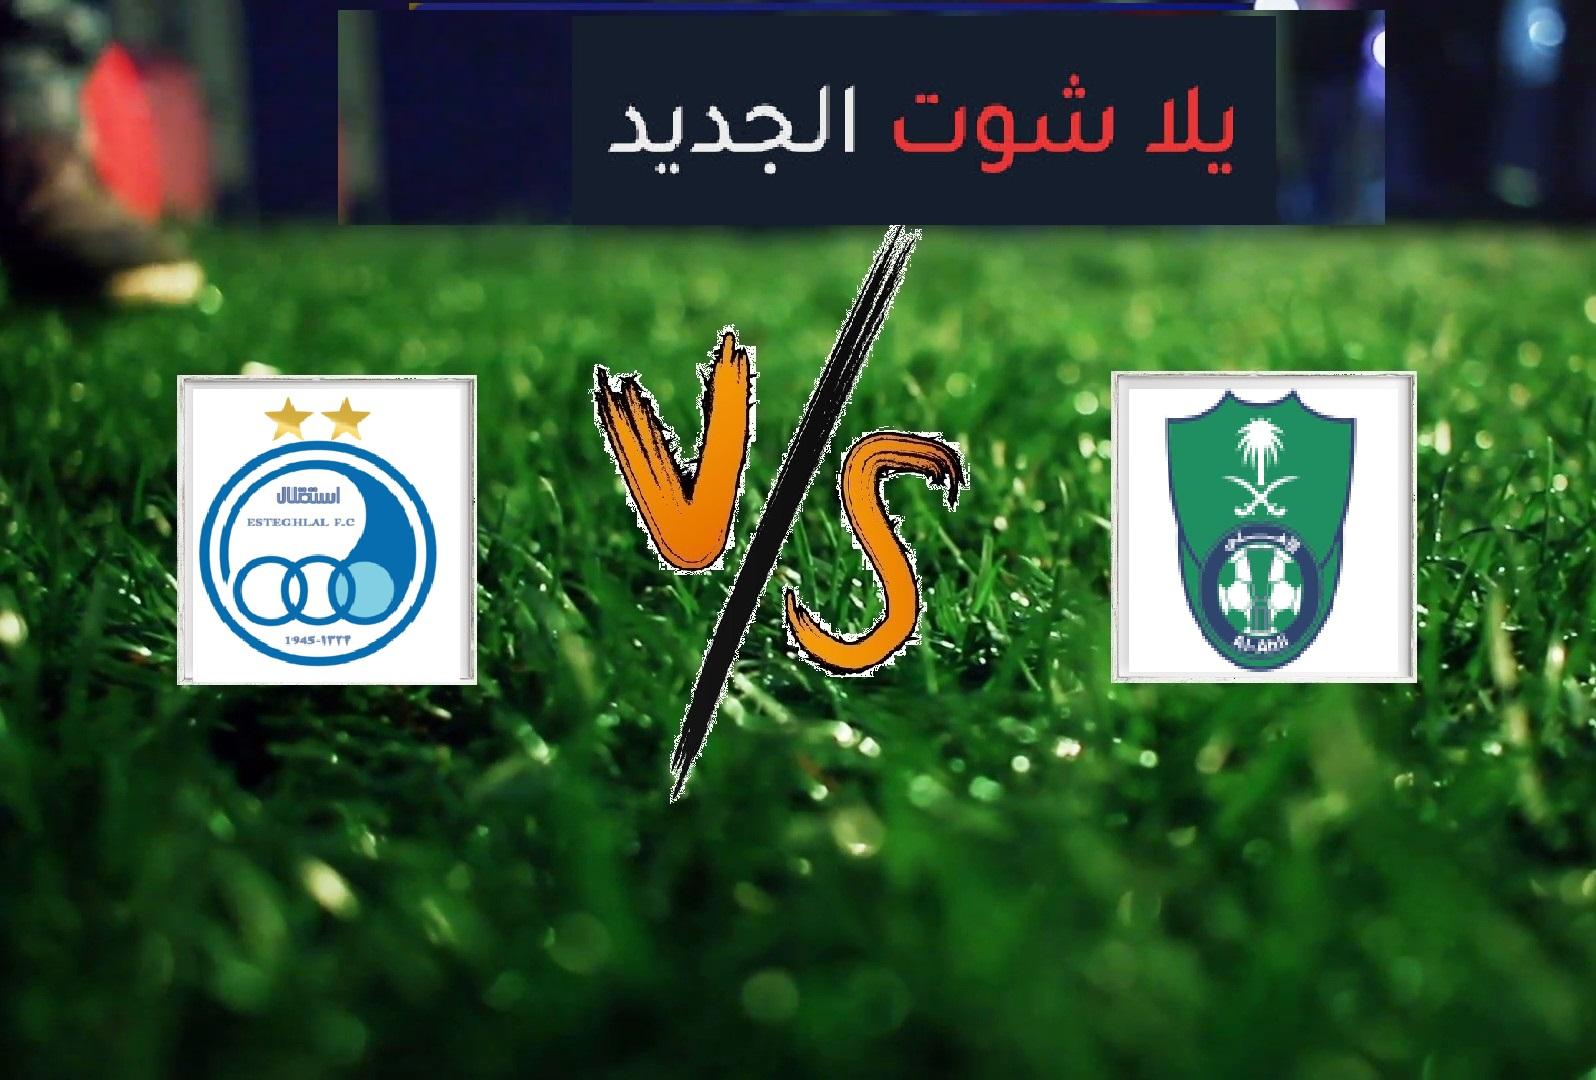 نتيجة مباراة الأهلي السعودي واستقلال طهران بتاريخ 17-02-2020 دوري أبطال آسيا